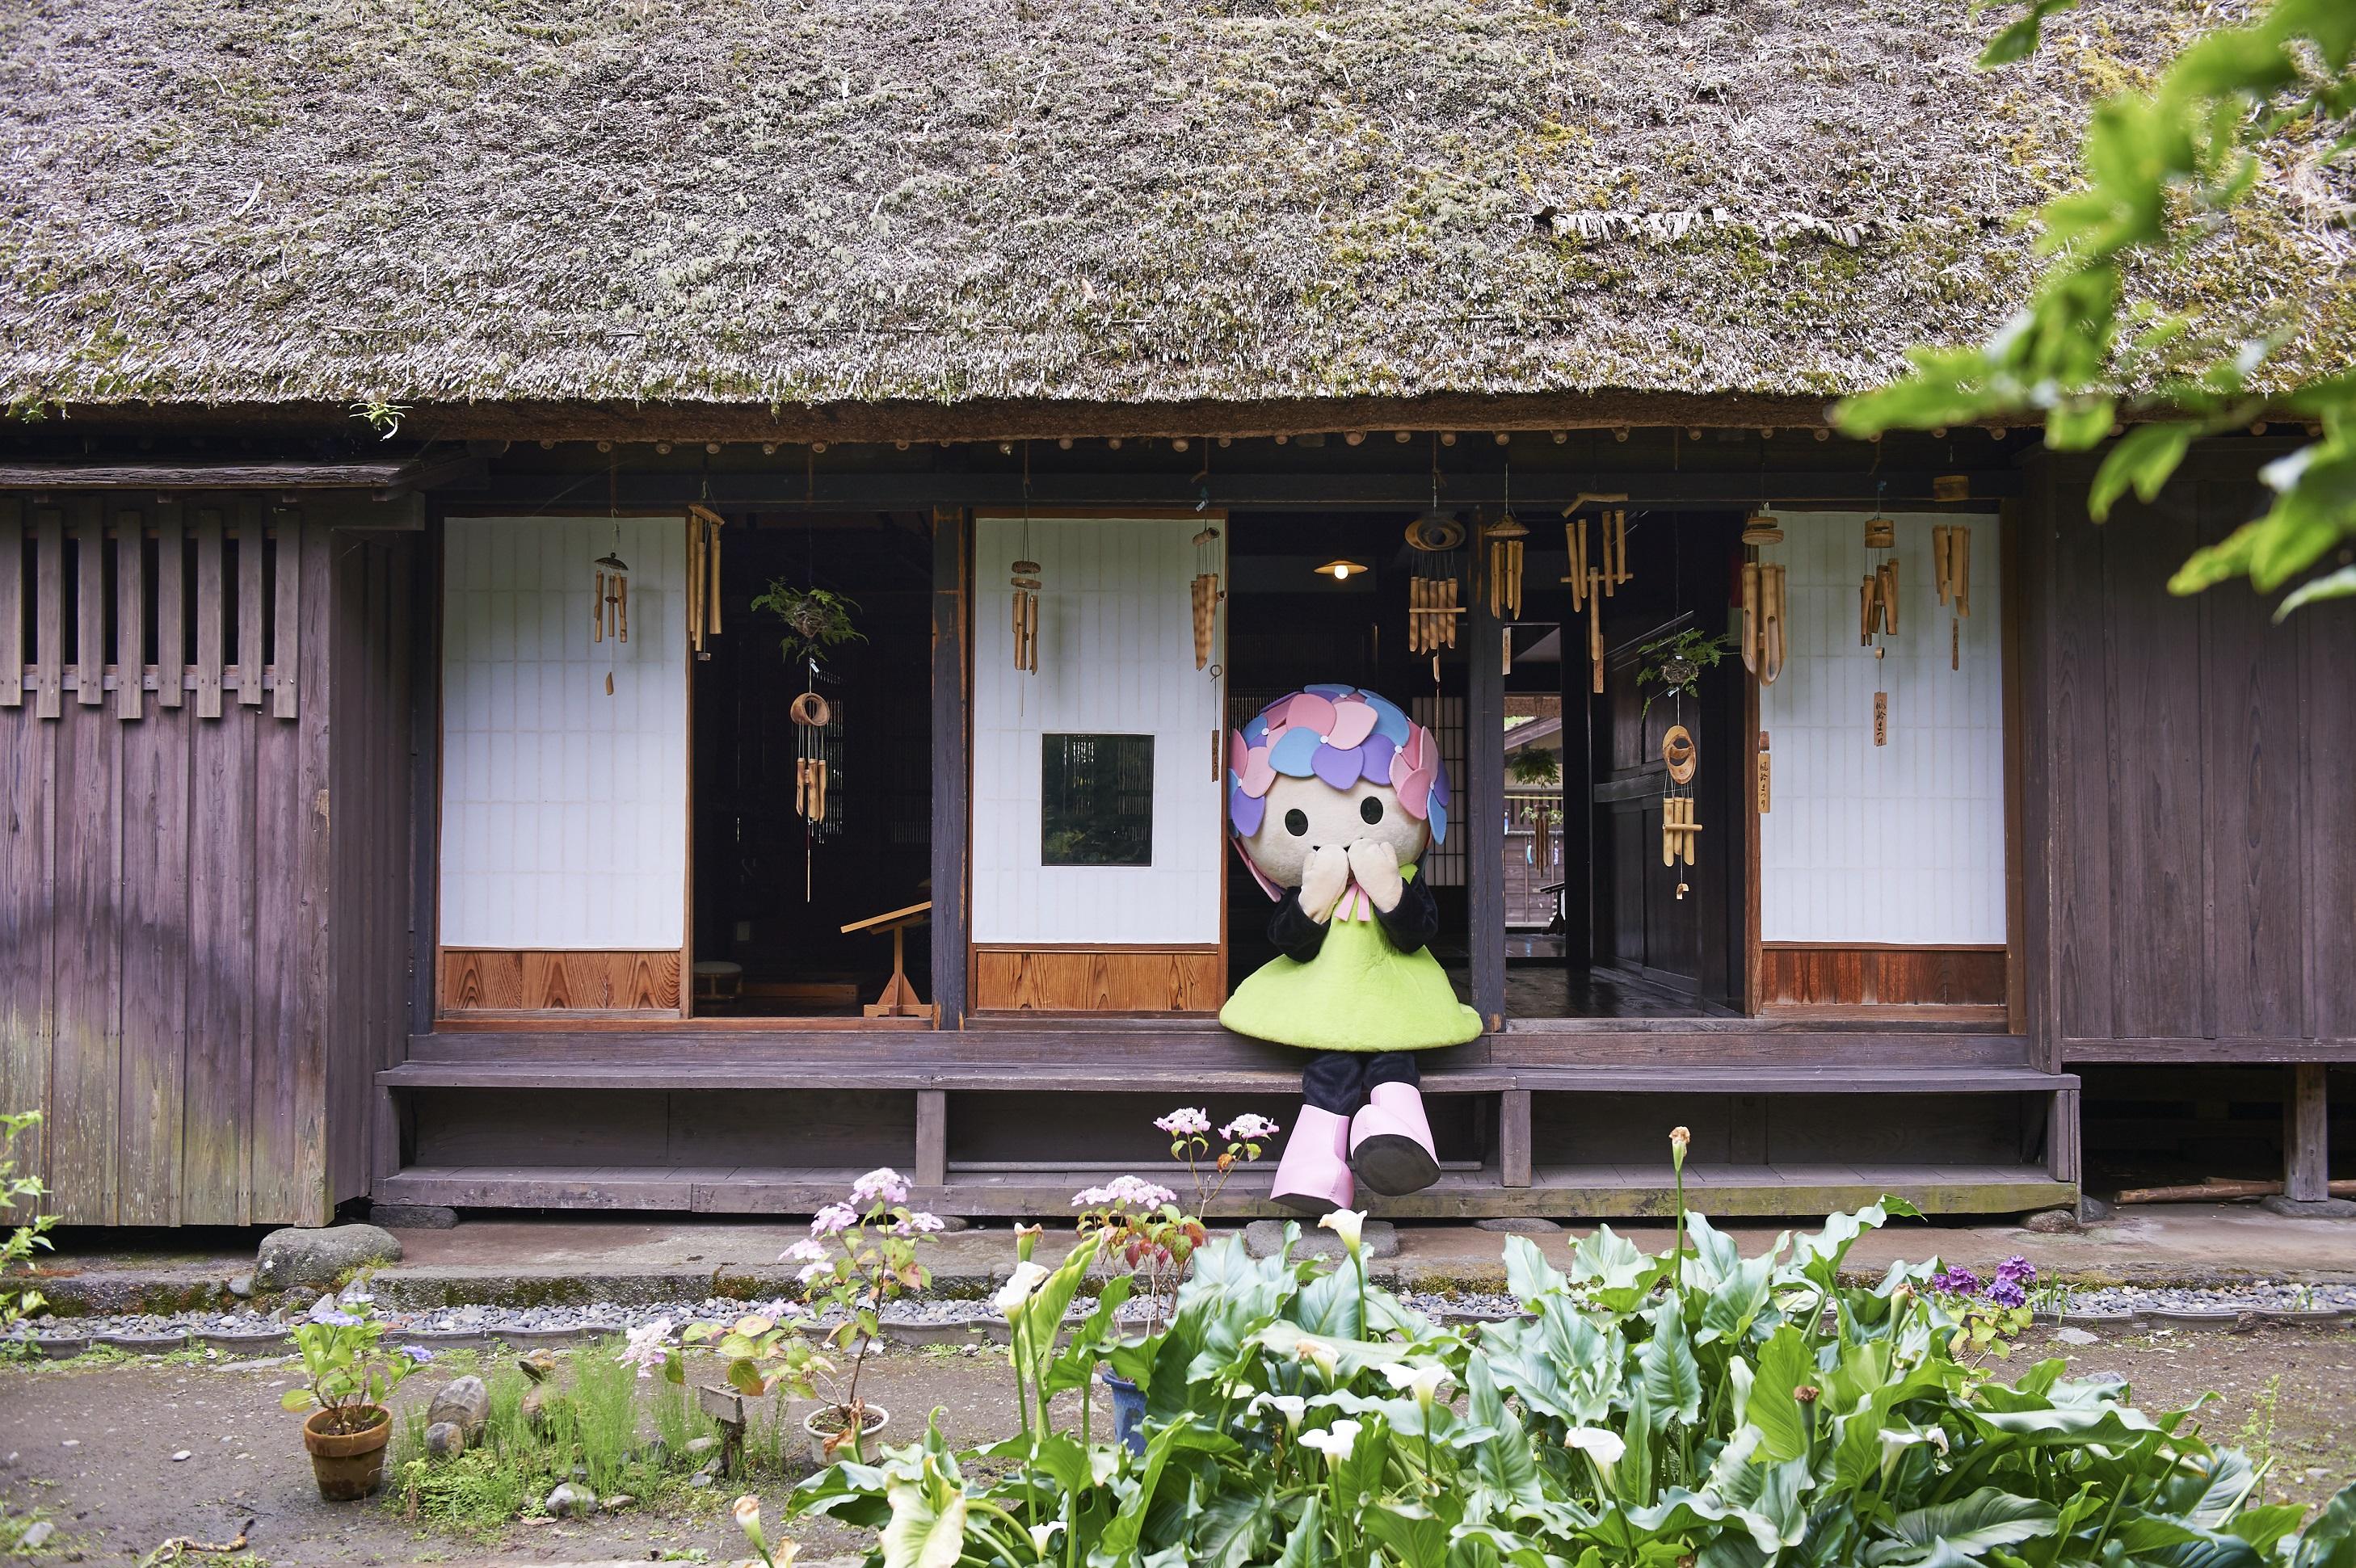 第11回開成町瀬戸屋敷風鈴まつりは、2019年6月11日(火)~16日(日)開催